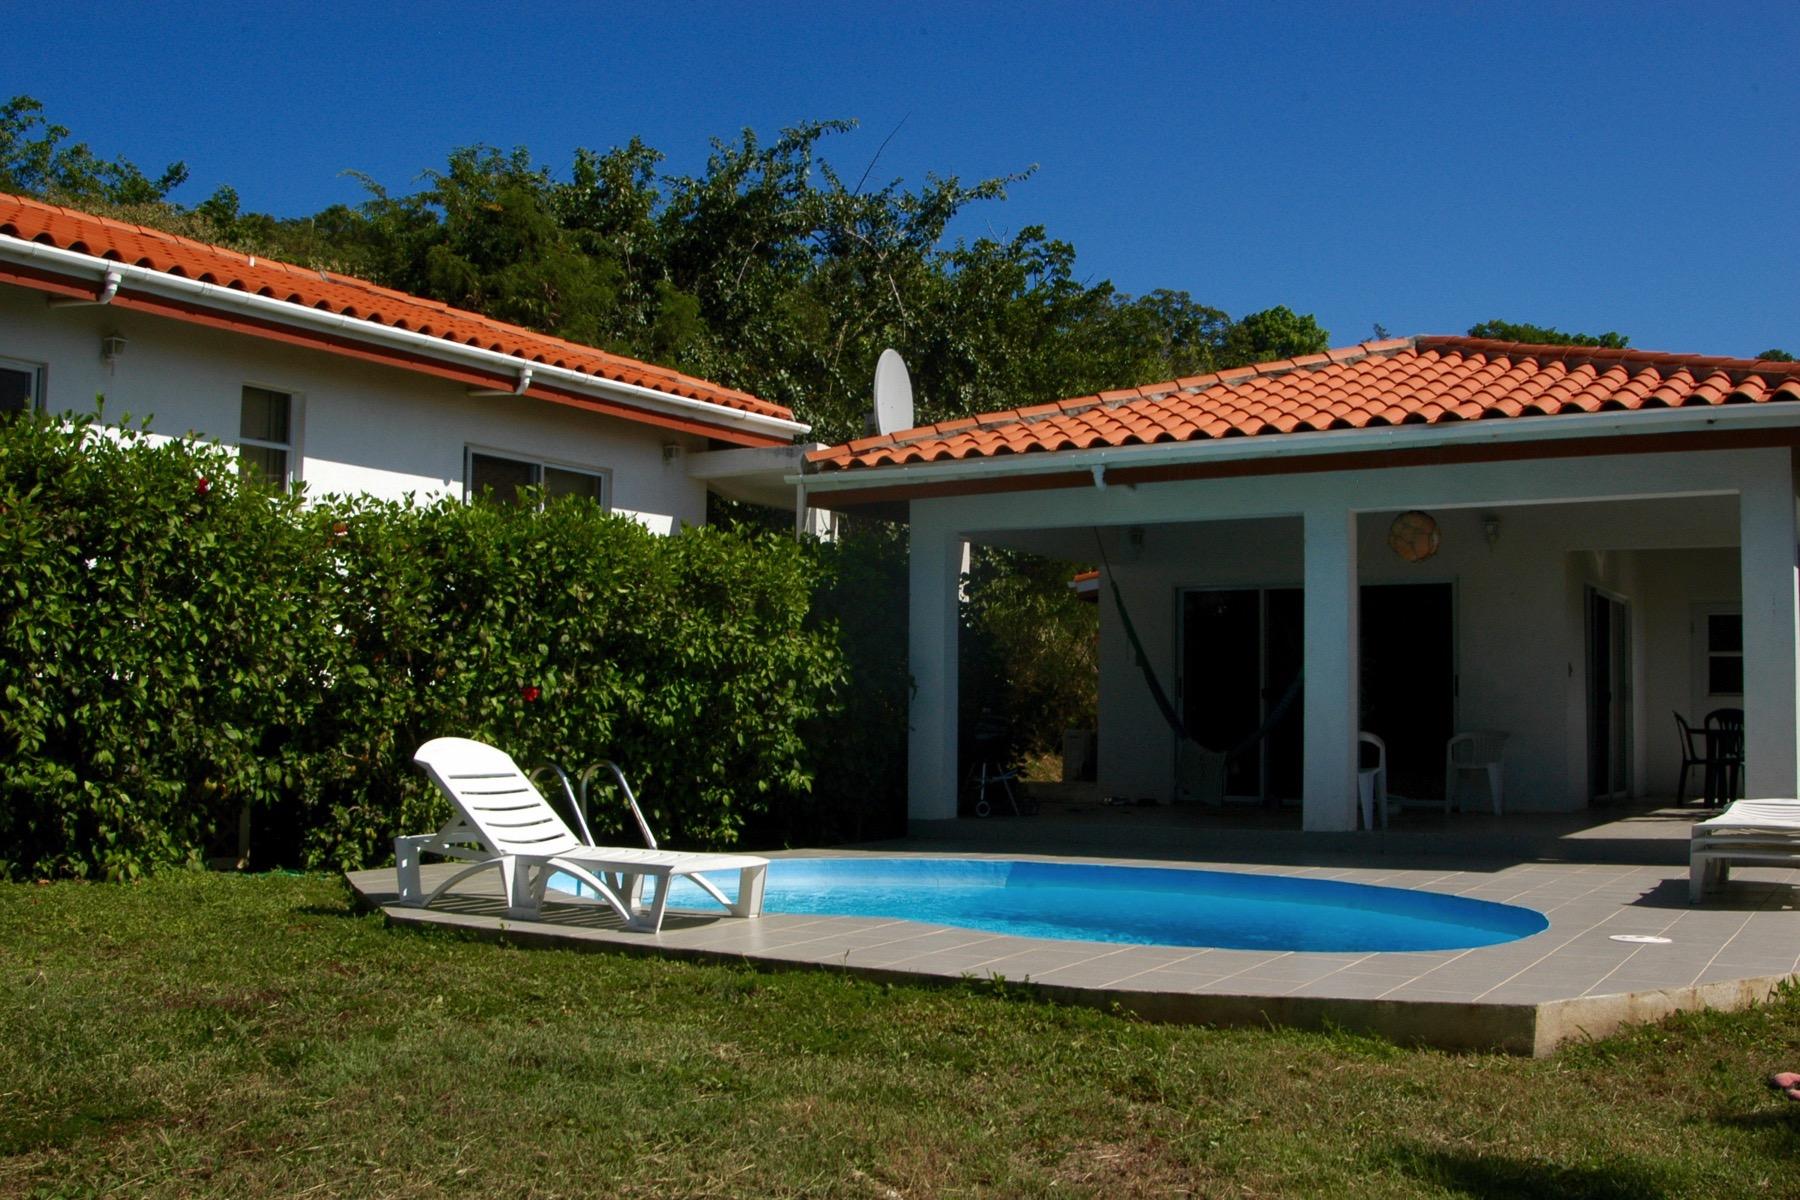 Частный односемейный дом для того Продажа на Villa Hibiscus Lambert Beach, Тортола Британские Виргинские Острова